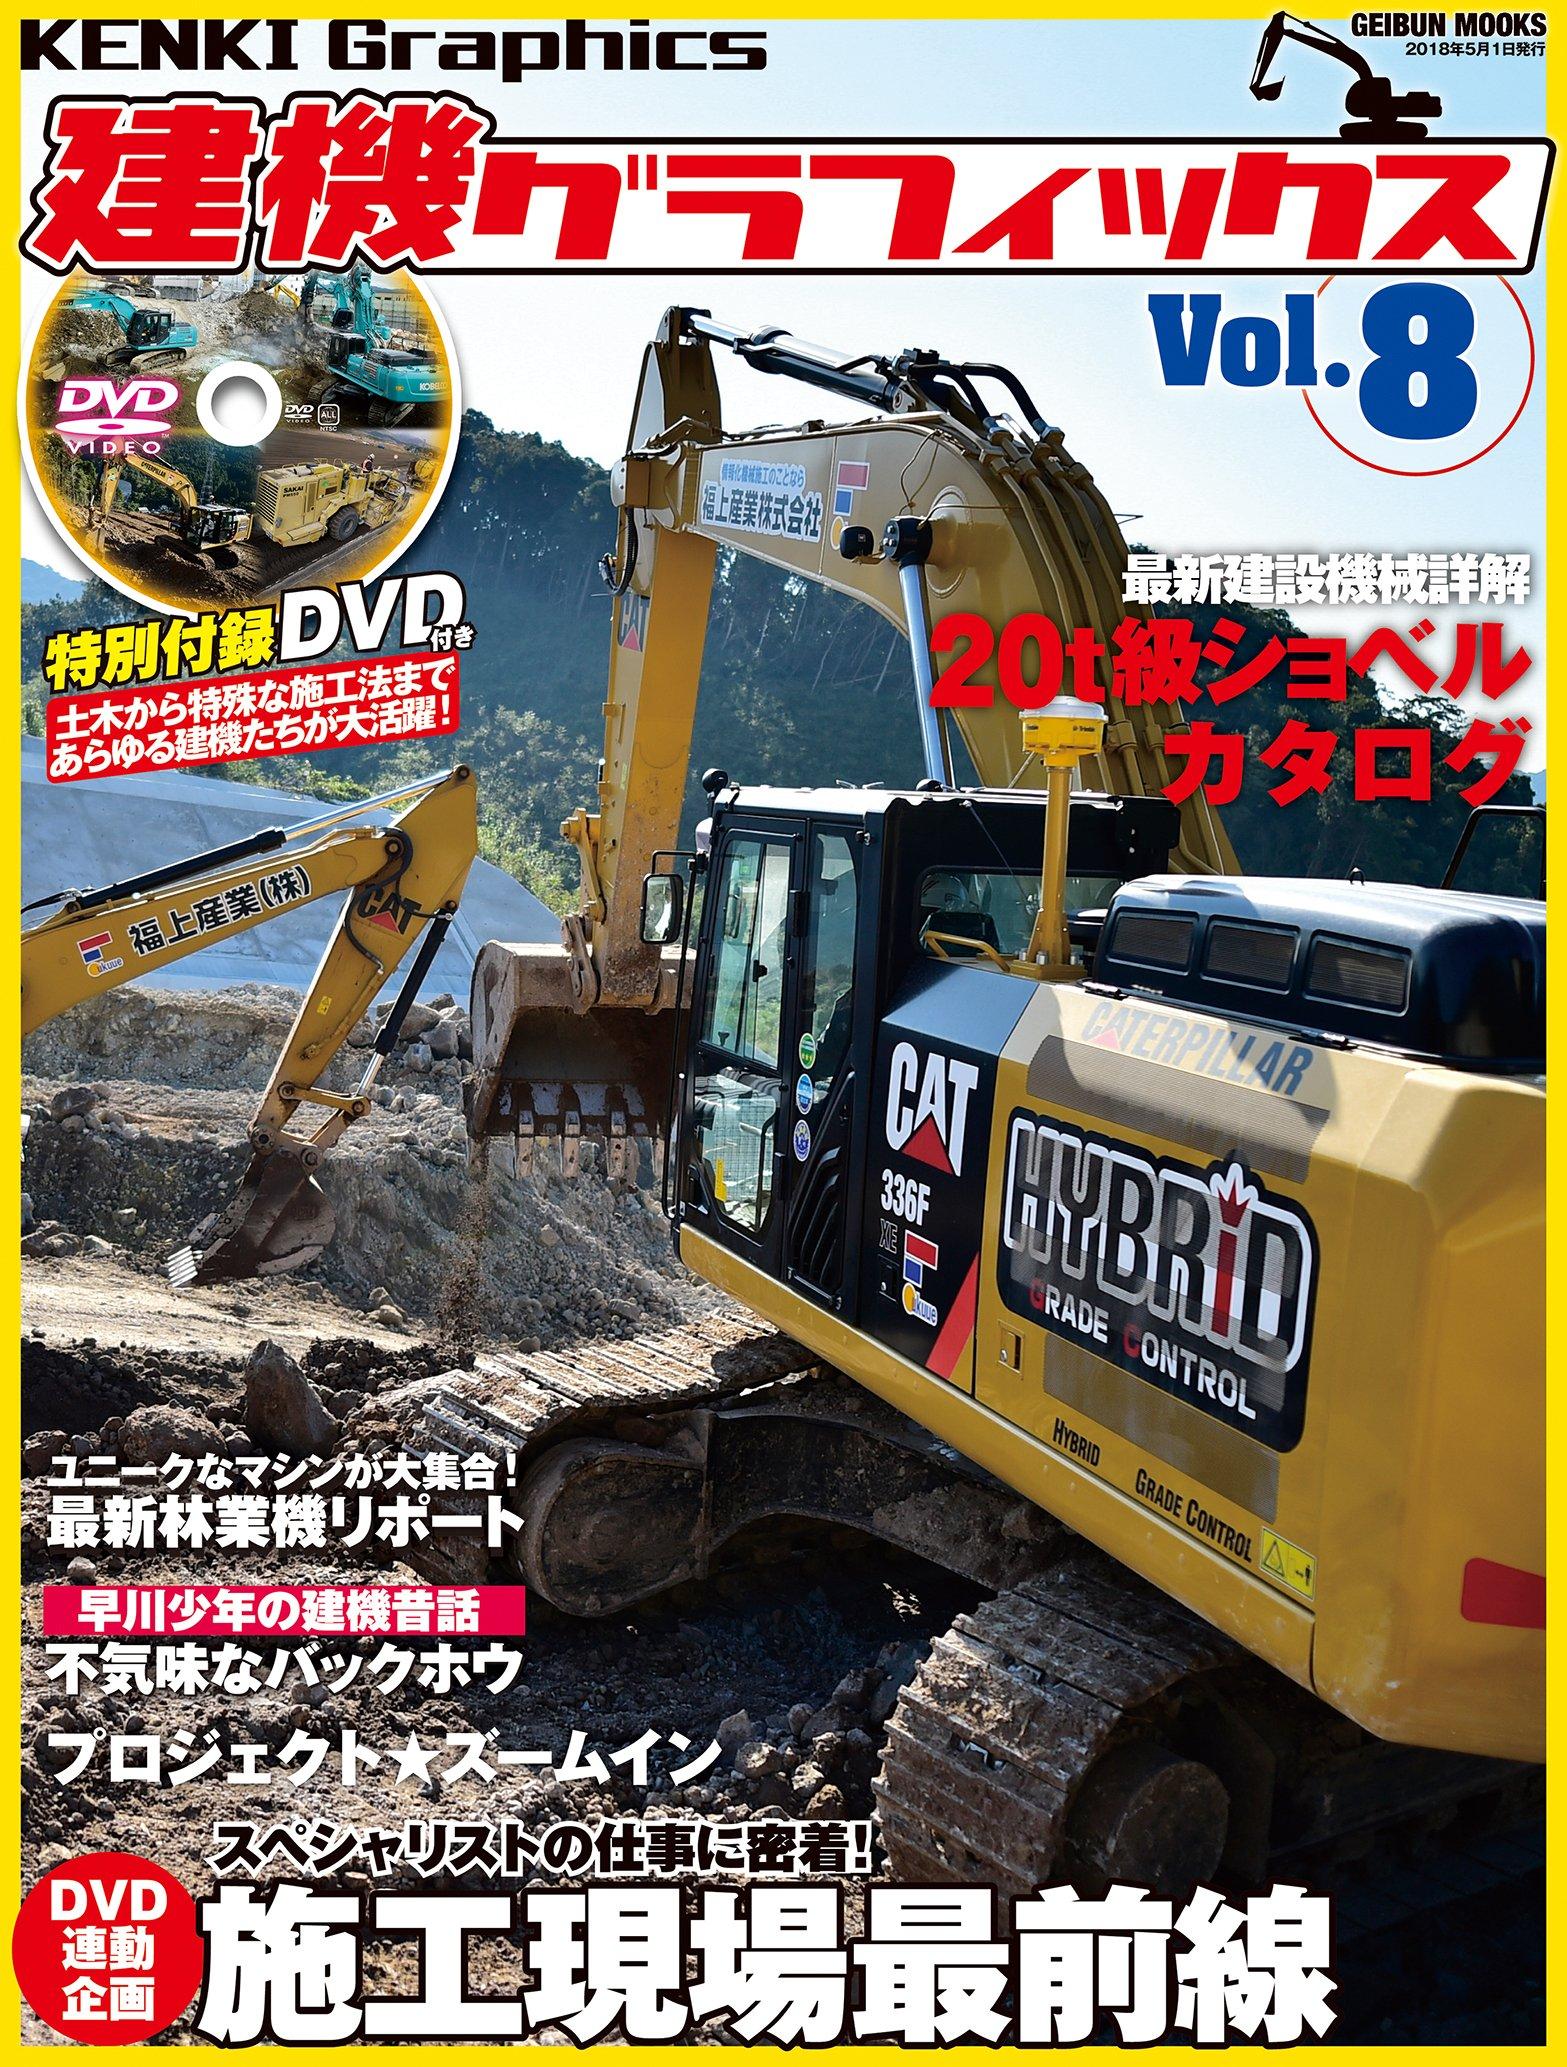 「建機グラフィックス vol.8 [DVD付き]」(芸文社)